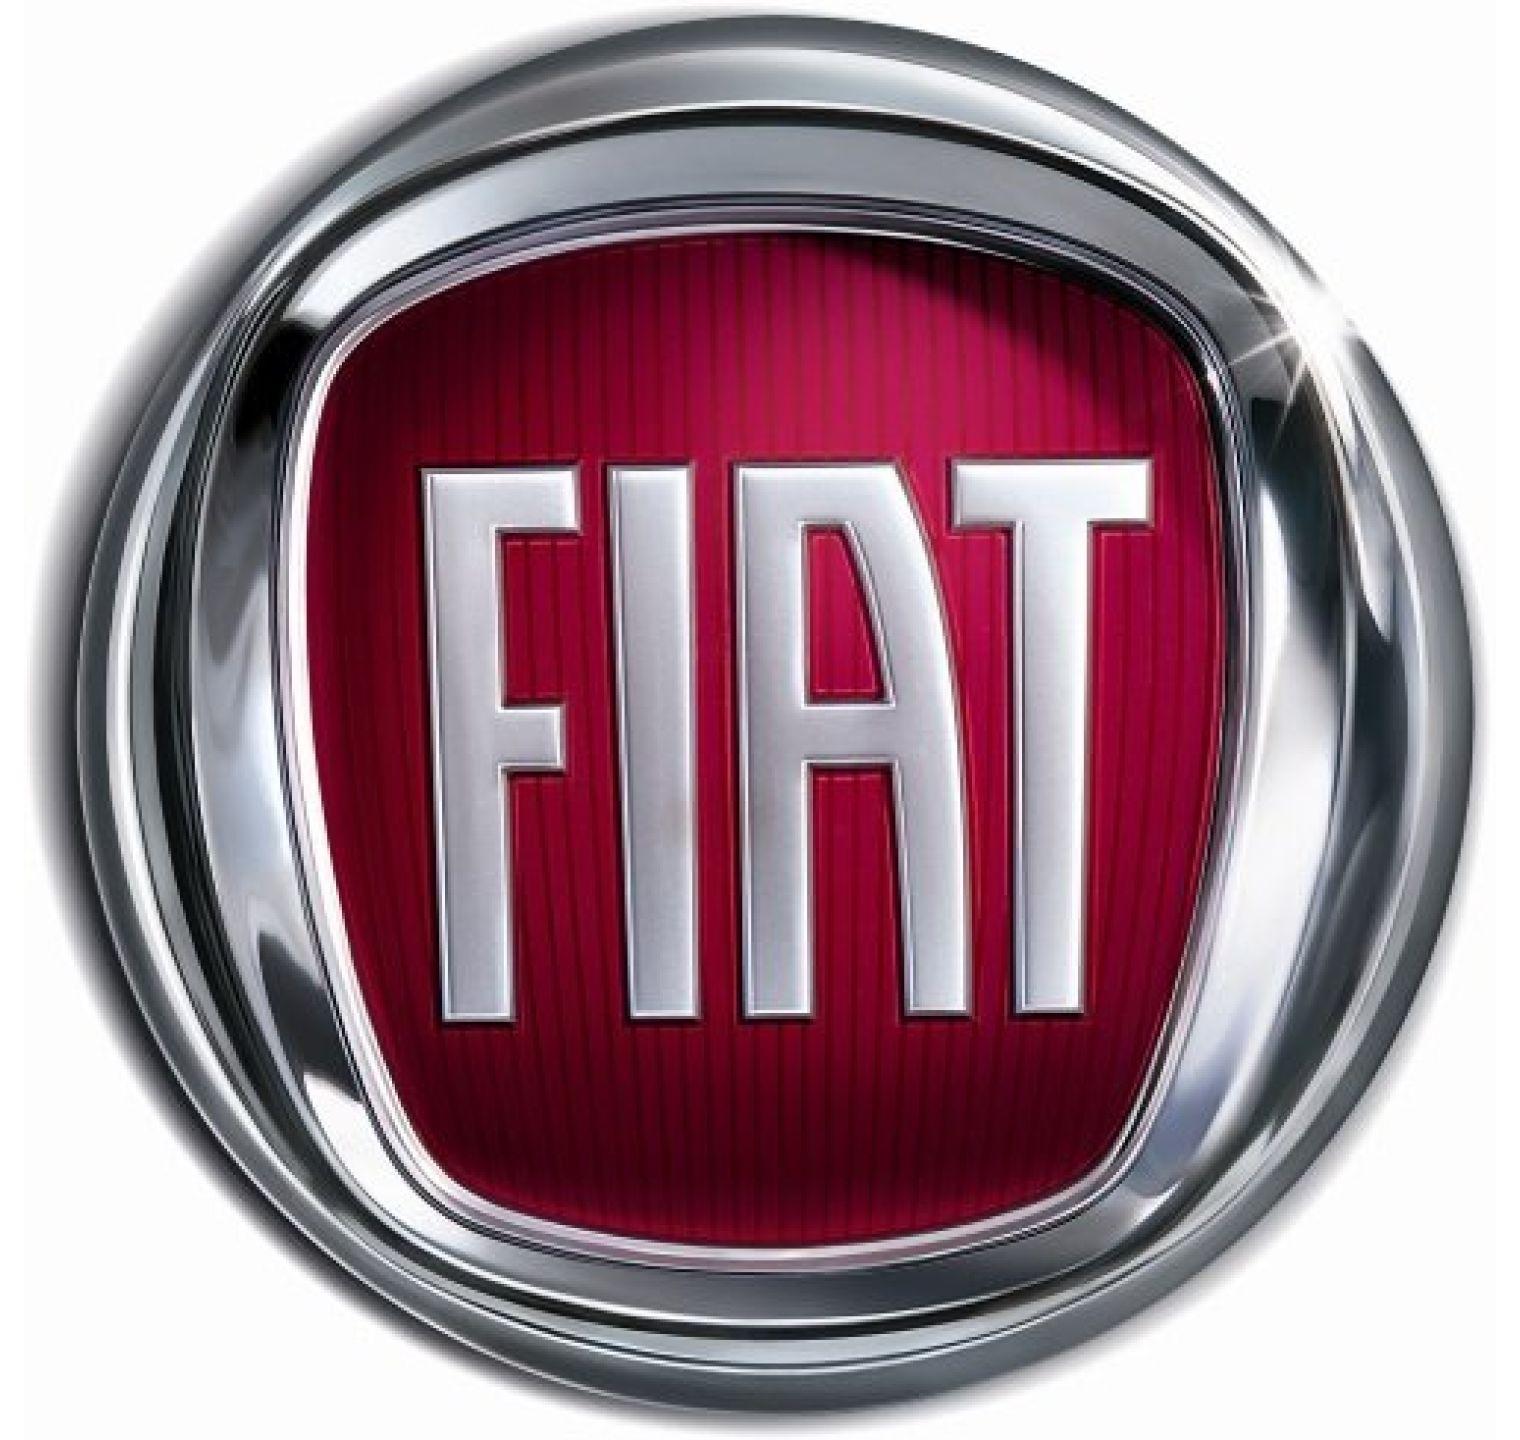 Fiat Ulysse (1994 t/m 2002) - achterruitenwisser Valeo Standard